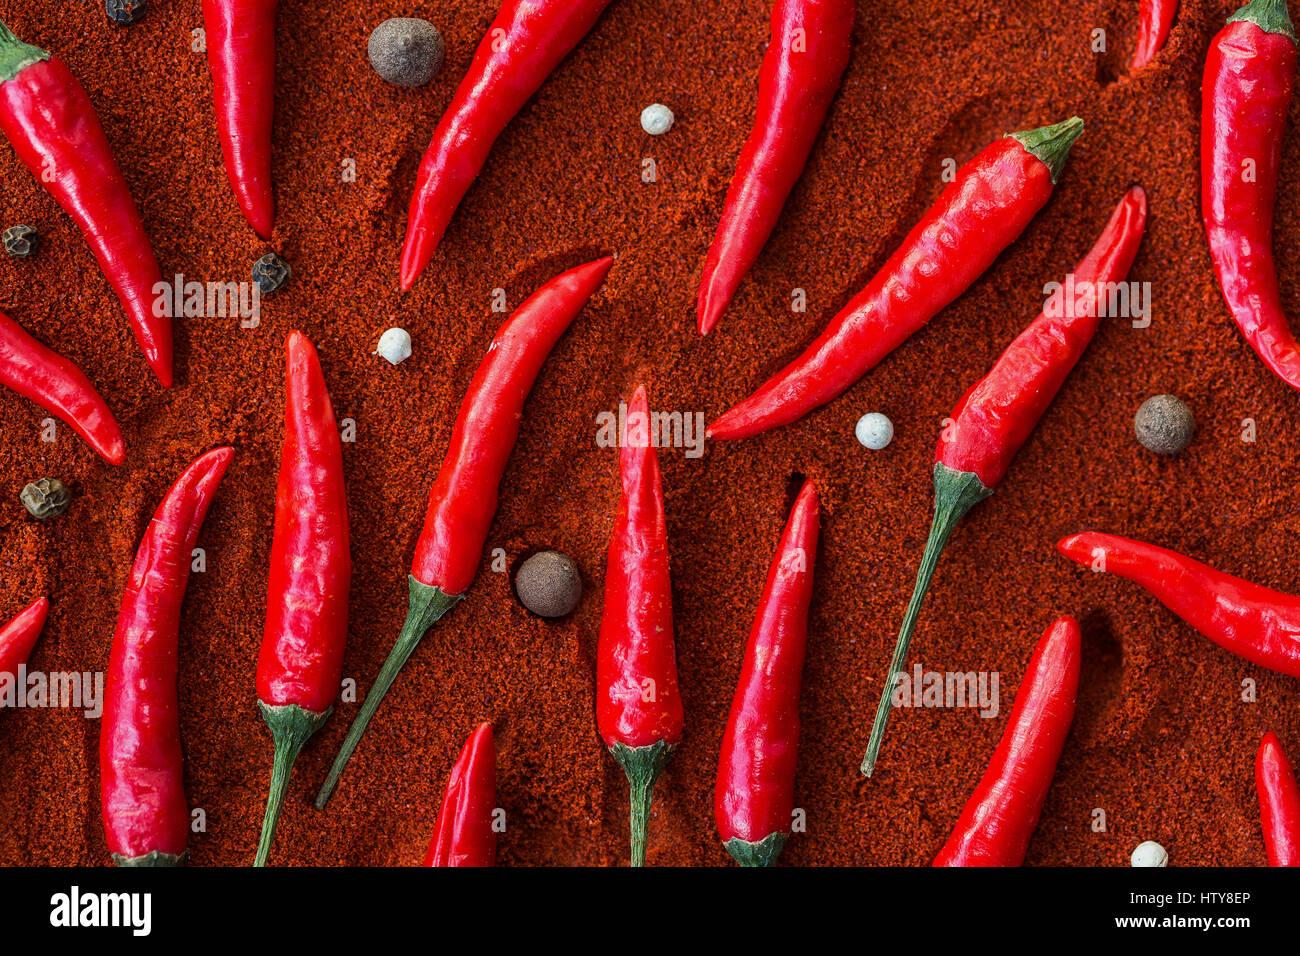 Beaucoup de la Red Hot Chili Peppers et poivrons noir corns allongé sur un paprika rouge. un concept de la Photo Stock